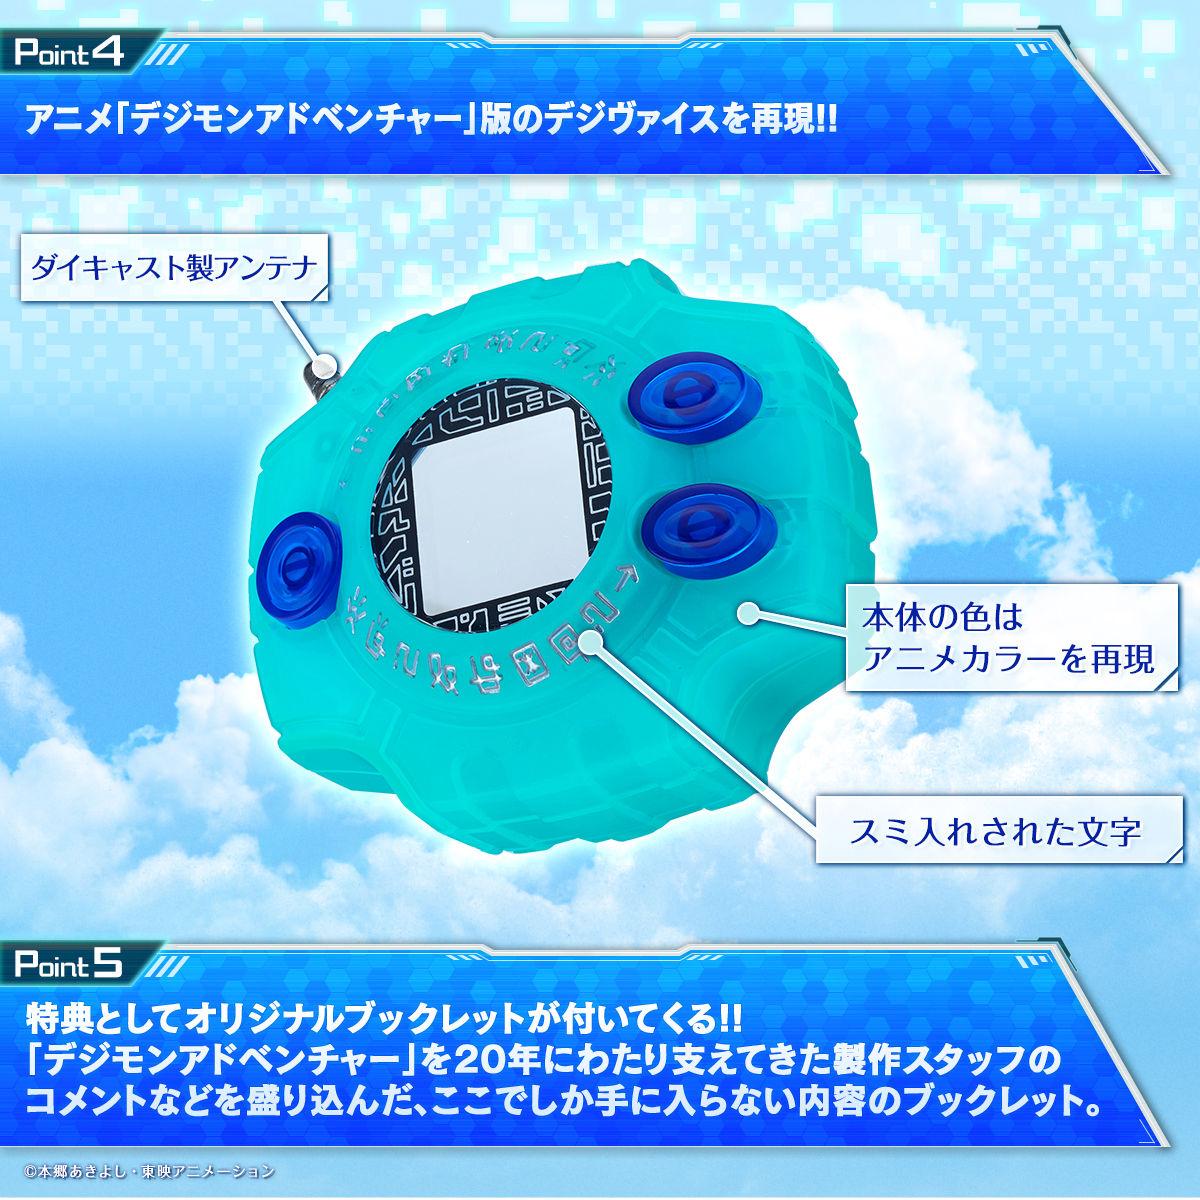 「デジモンアドベンチャー」に登場したデジヴァイスのデザインを再現!!